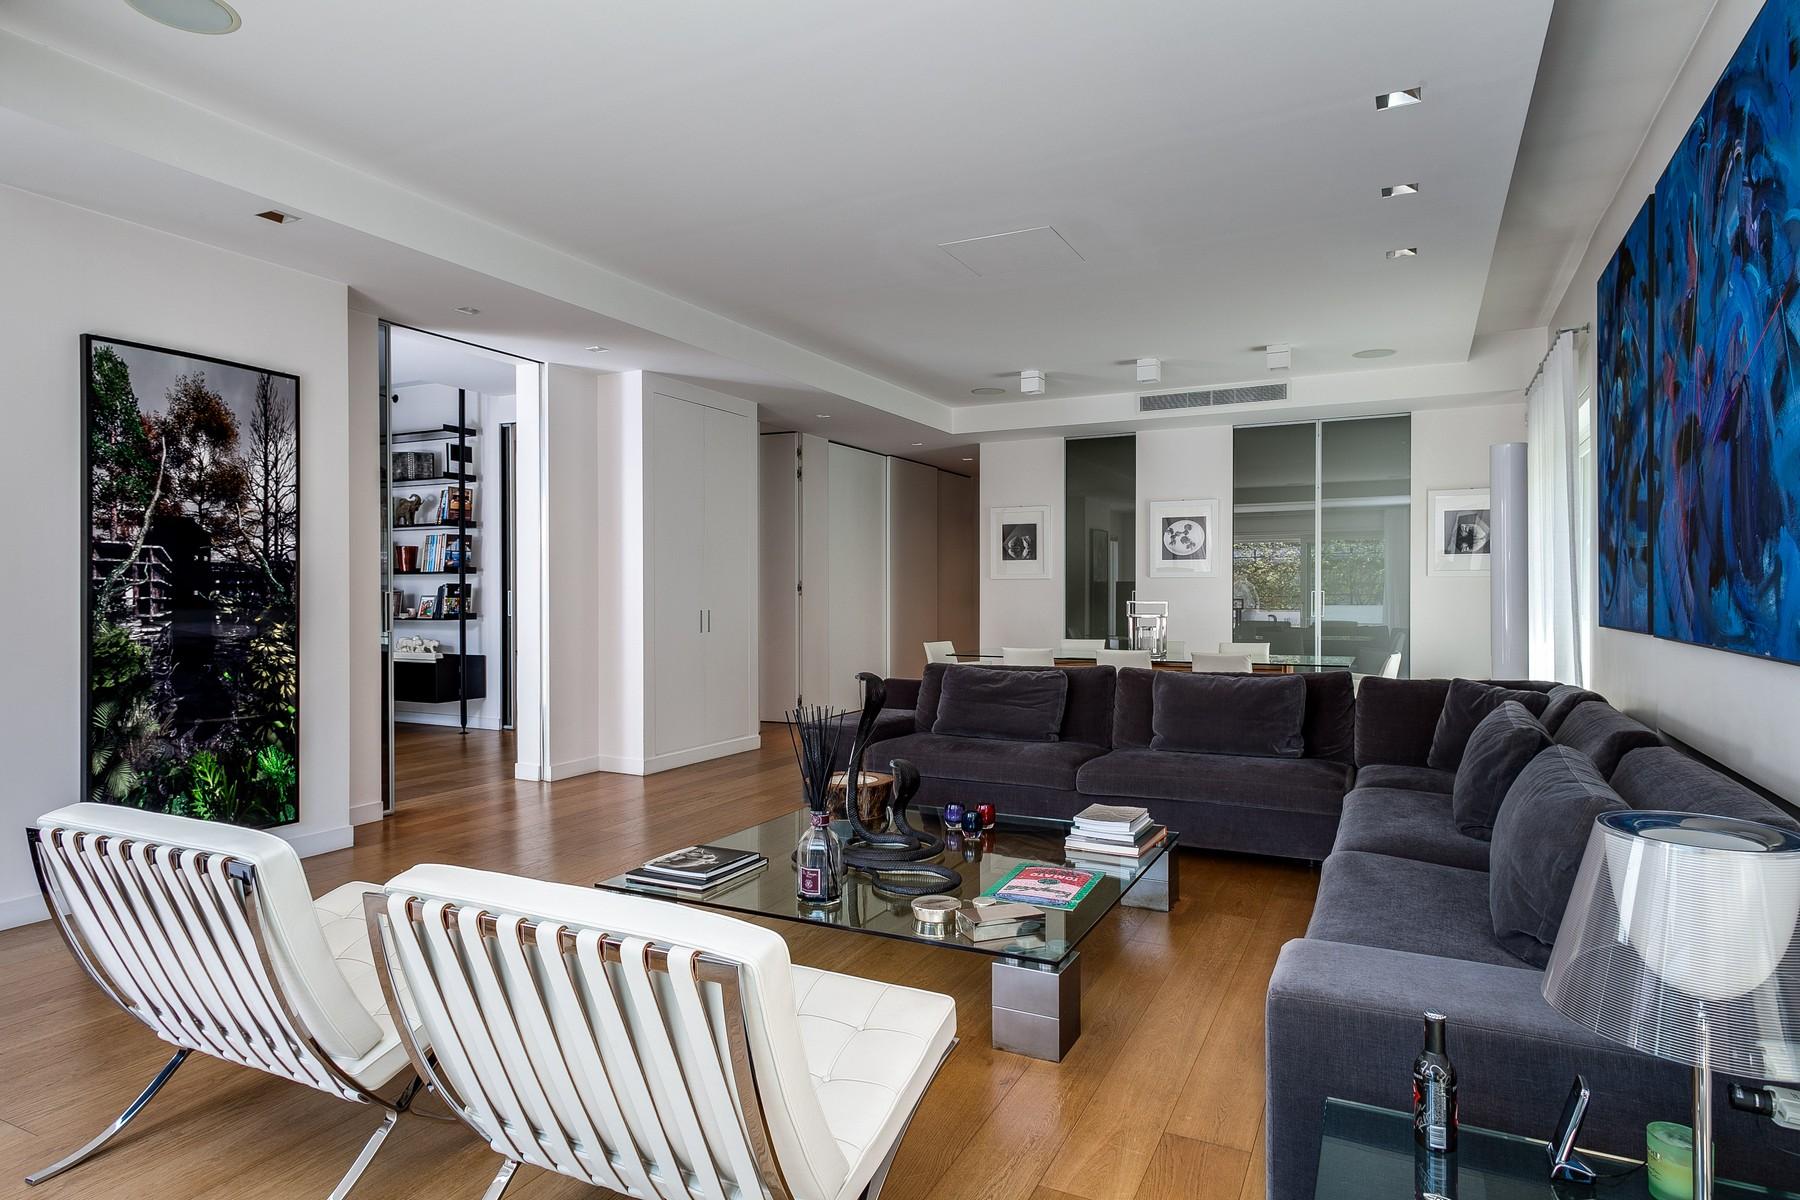 Appartamento di lusso in vendita a roma via ettore ximenes trovocasa pregio w6247070 - Appartamento in vendita citta giardino roma ...